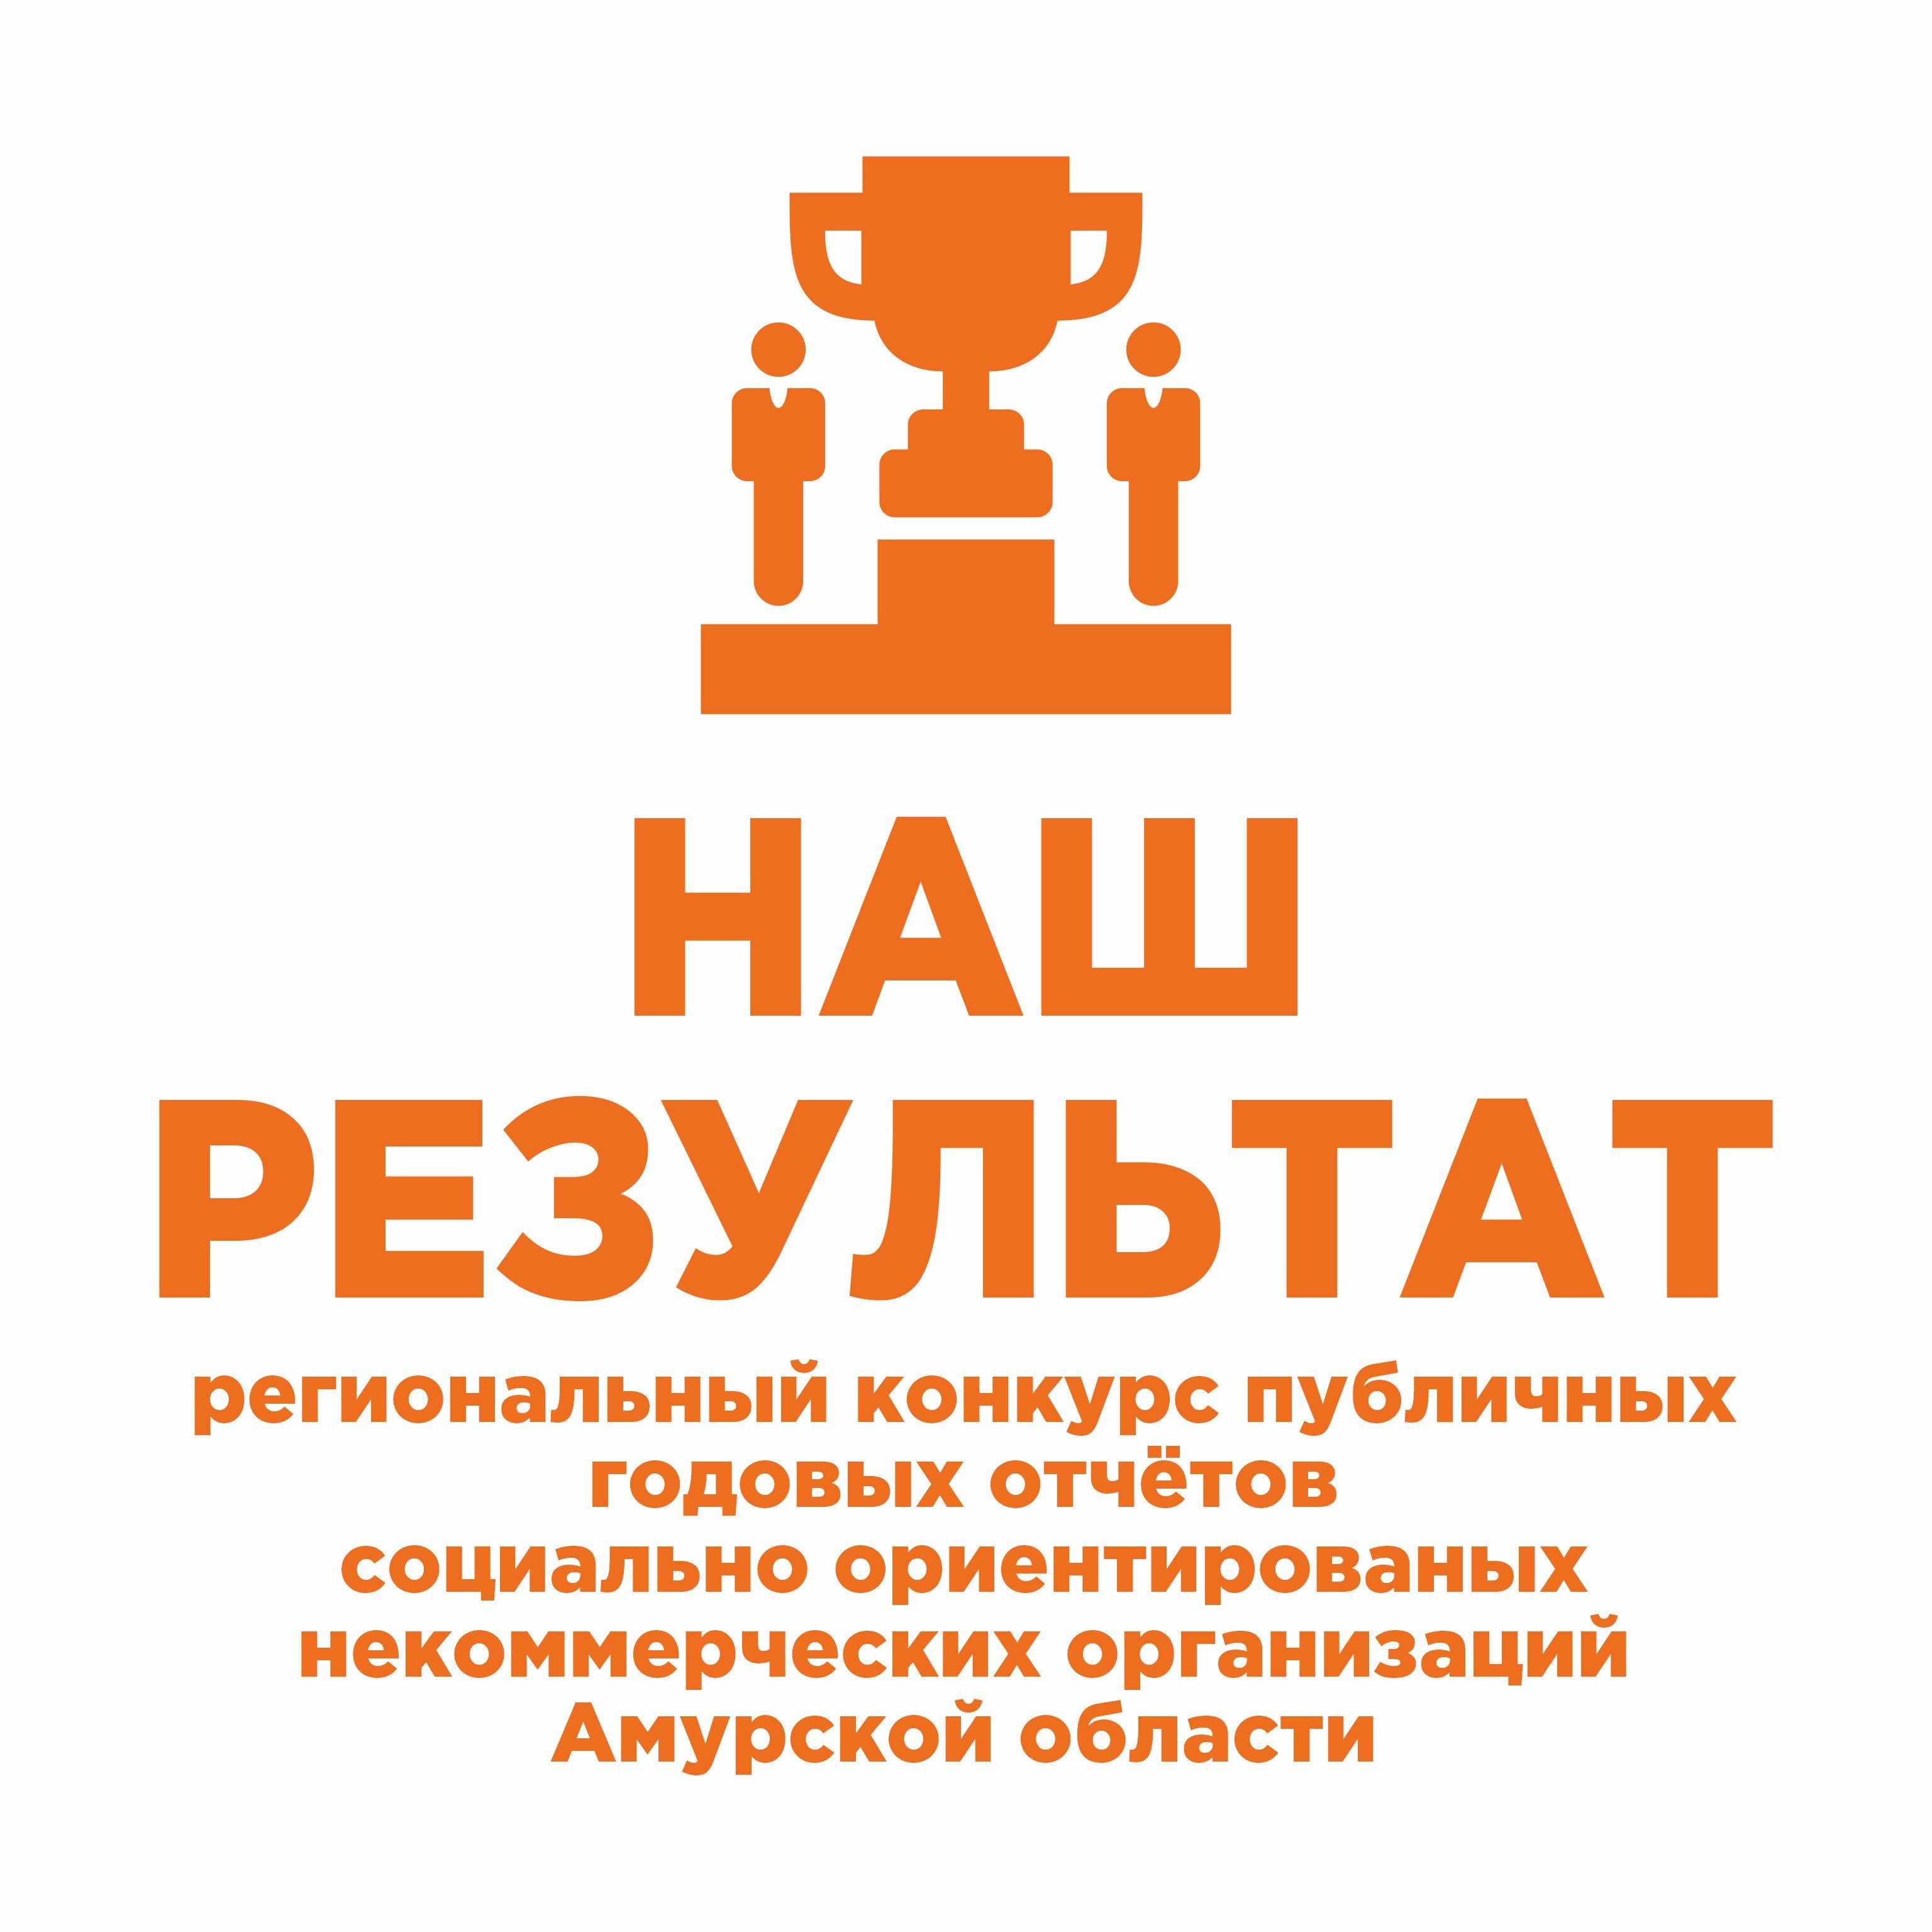 РЦ продлевает региональный конкурс публичных годовых отчетов «Наш результат»